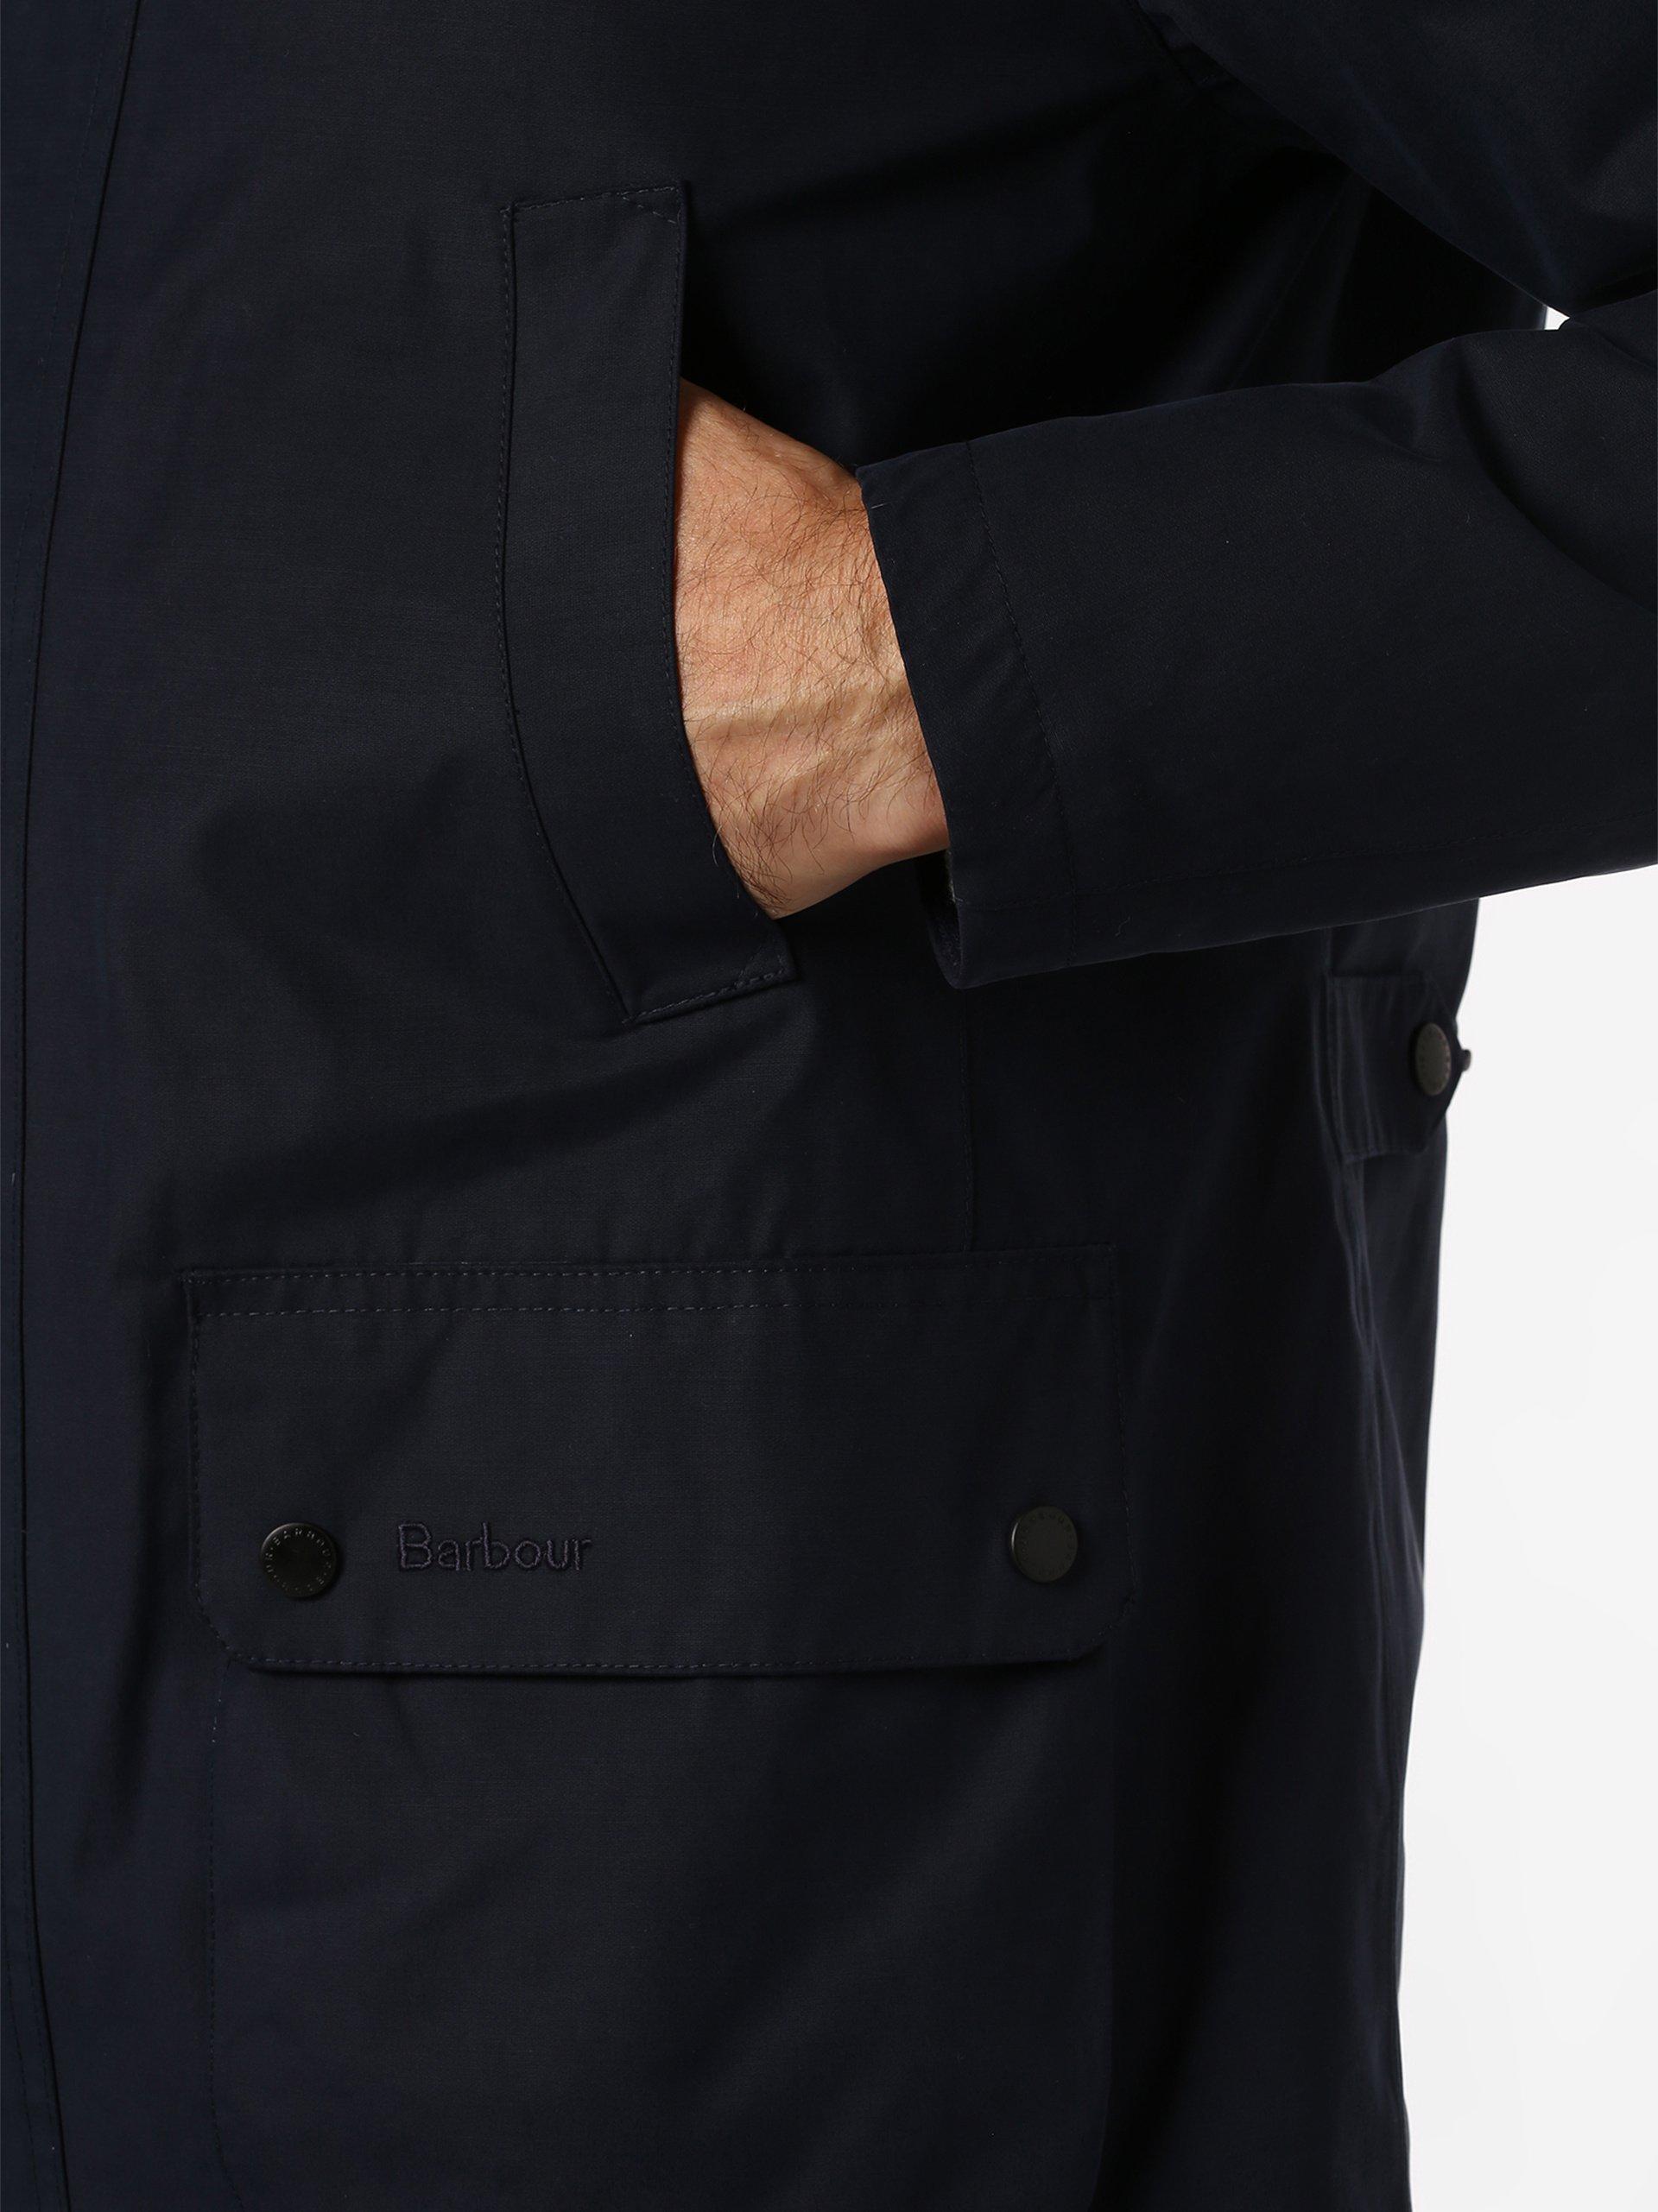 Barbour Męska kurtka funkcyjna – Lorton